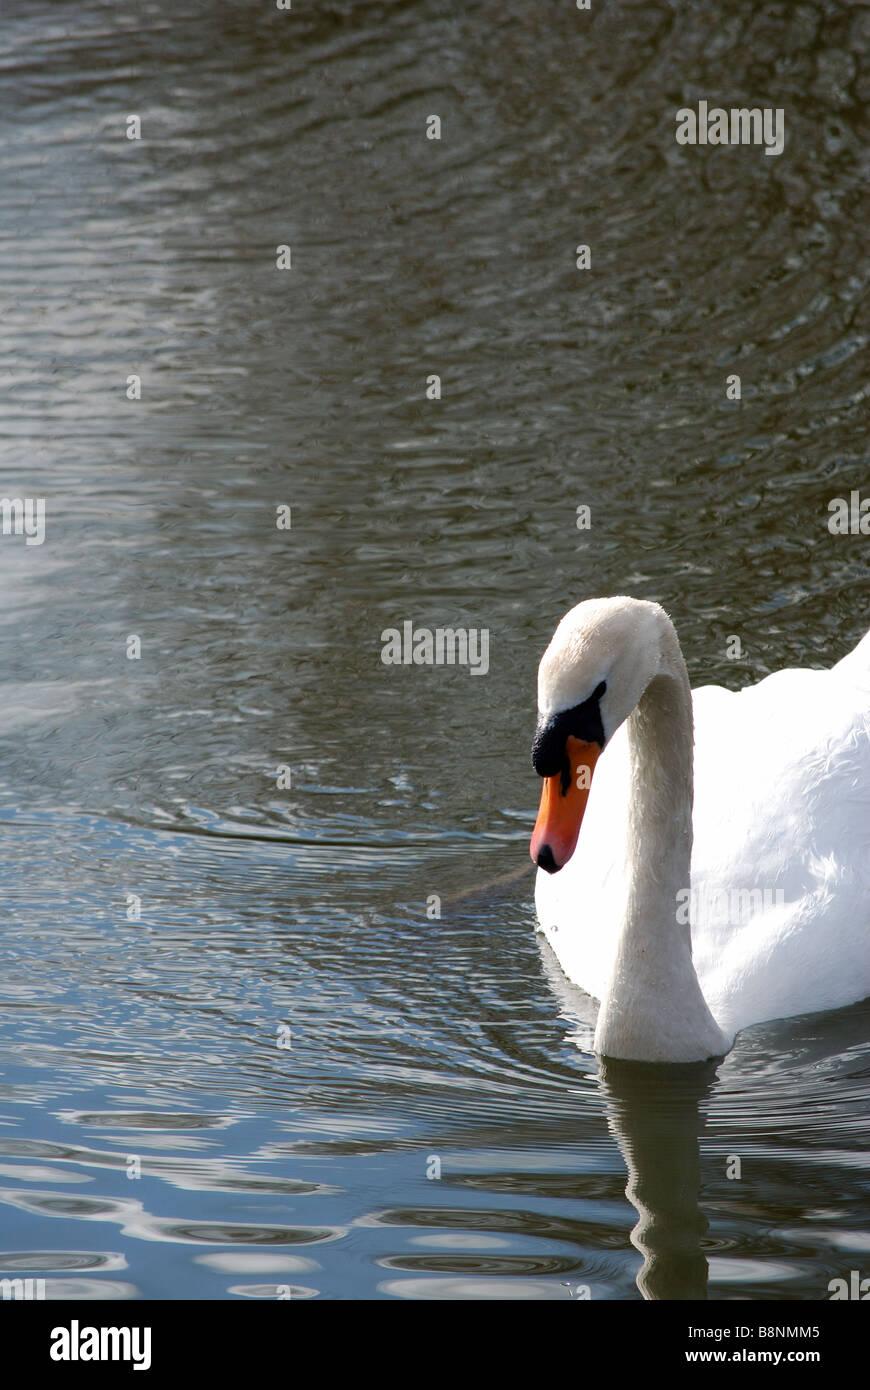 Schwan schwimmen in Richtung Kamera Stockbild